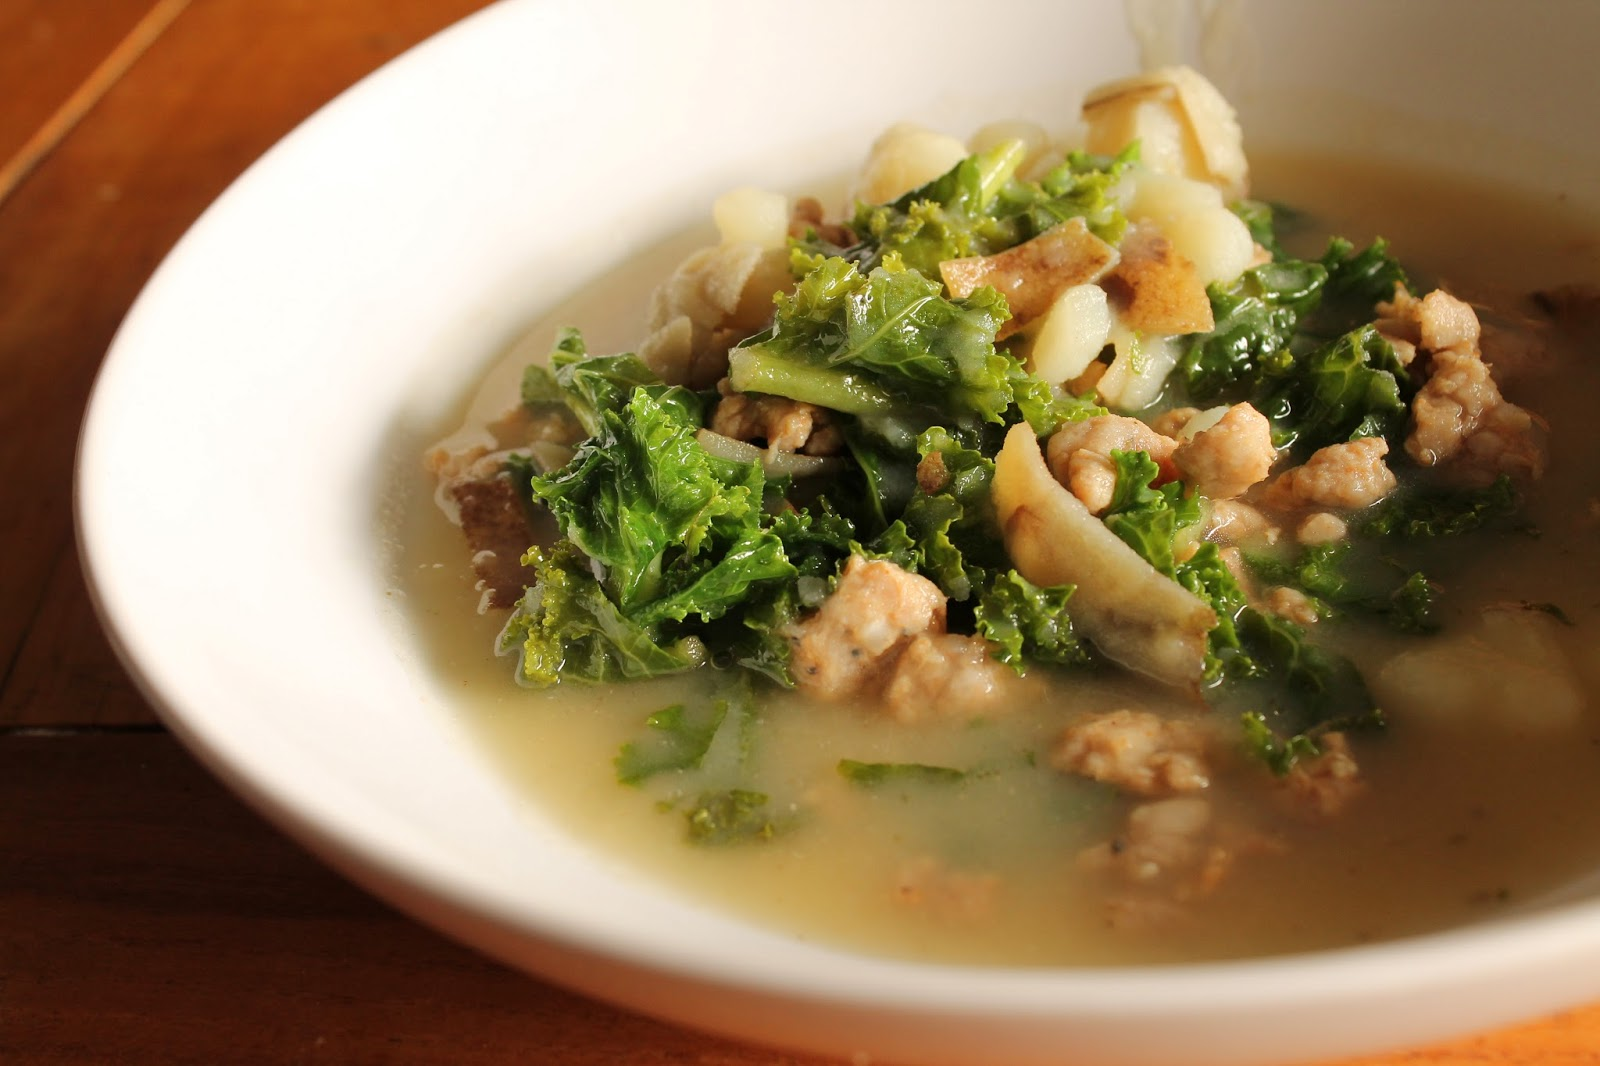 soup, recipe, caldo verde, kale recipes, sausage recipes, dinner idea, easy fall dinner ideas, potato recipes